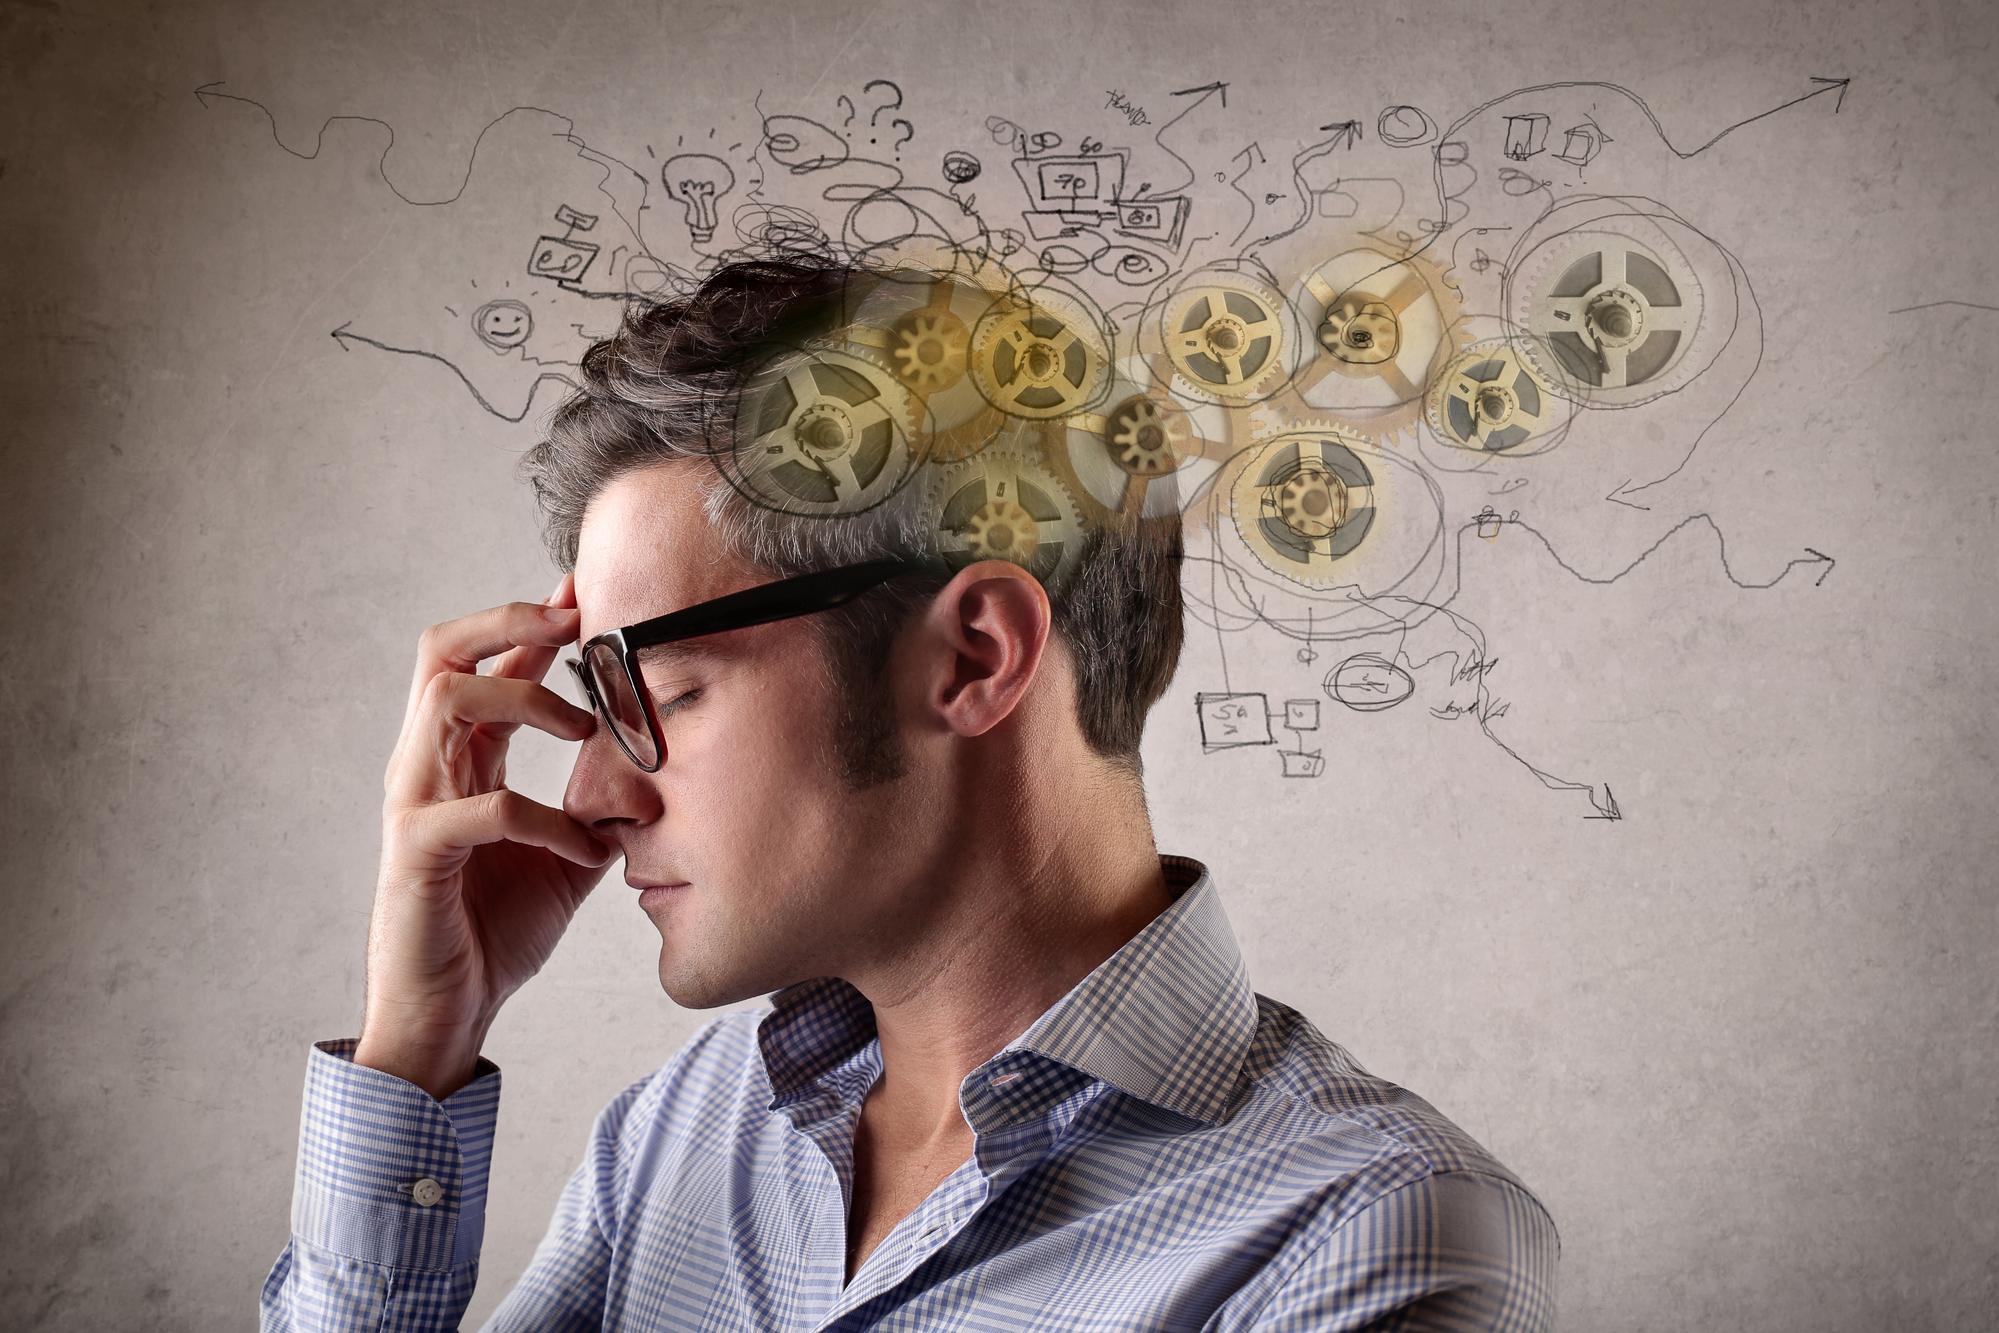 Votre cerveau possède un bouton 'supprimer'